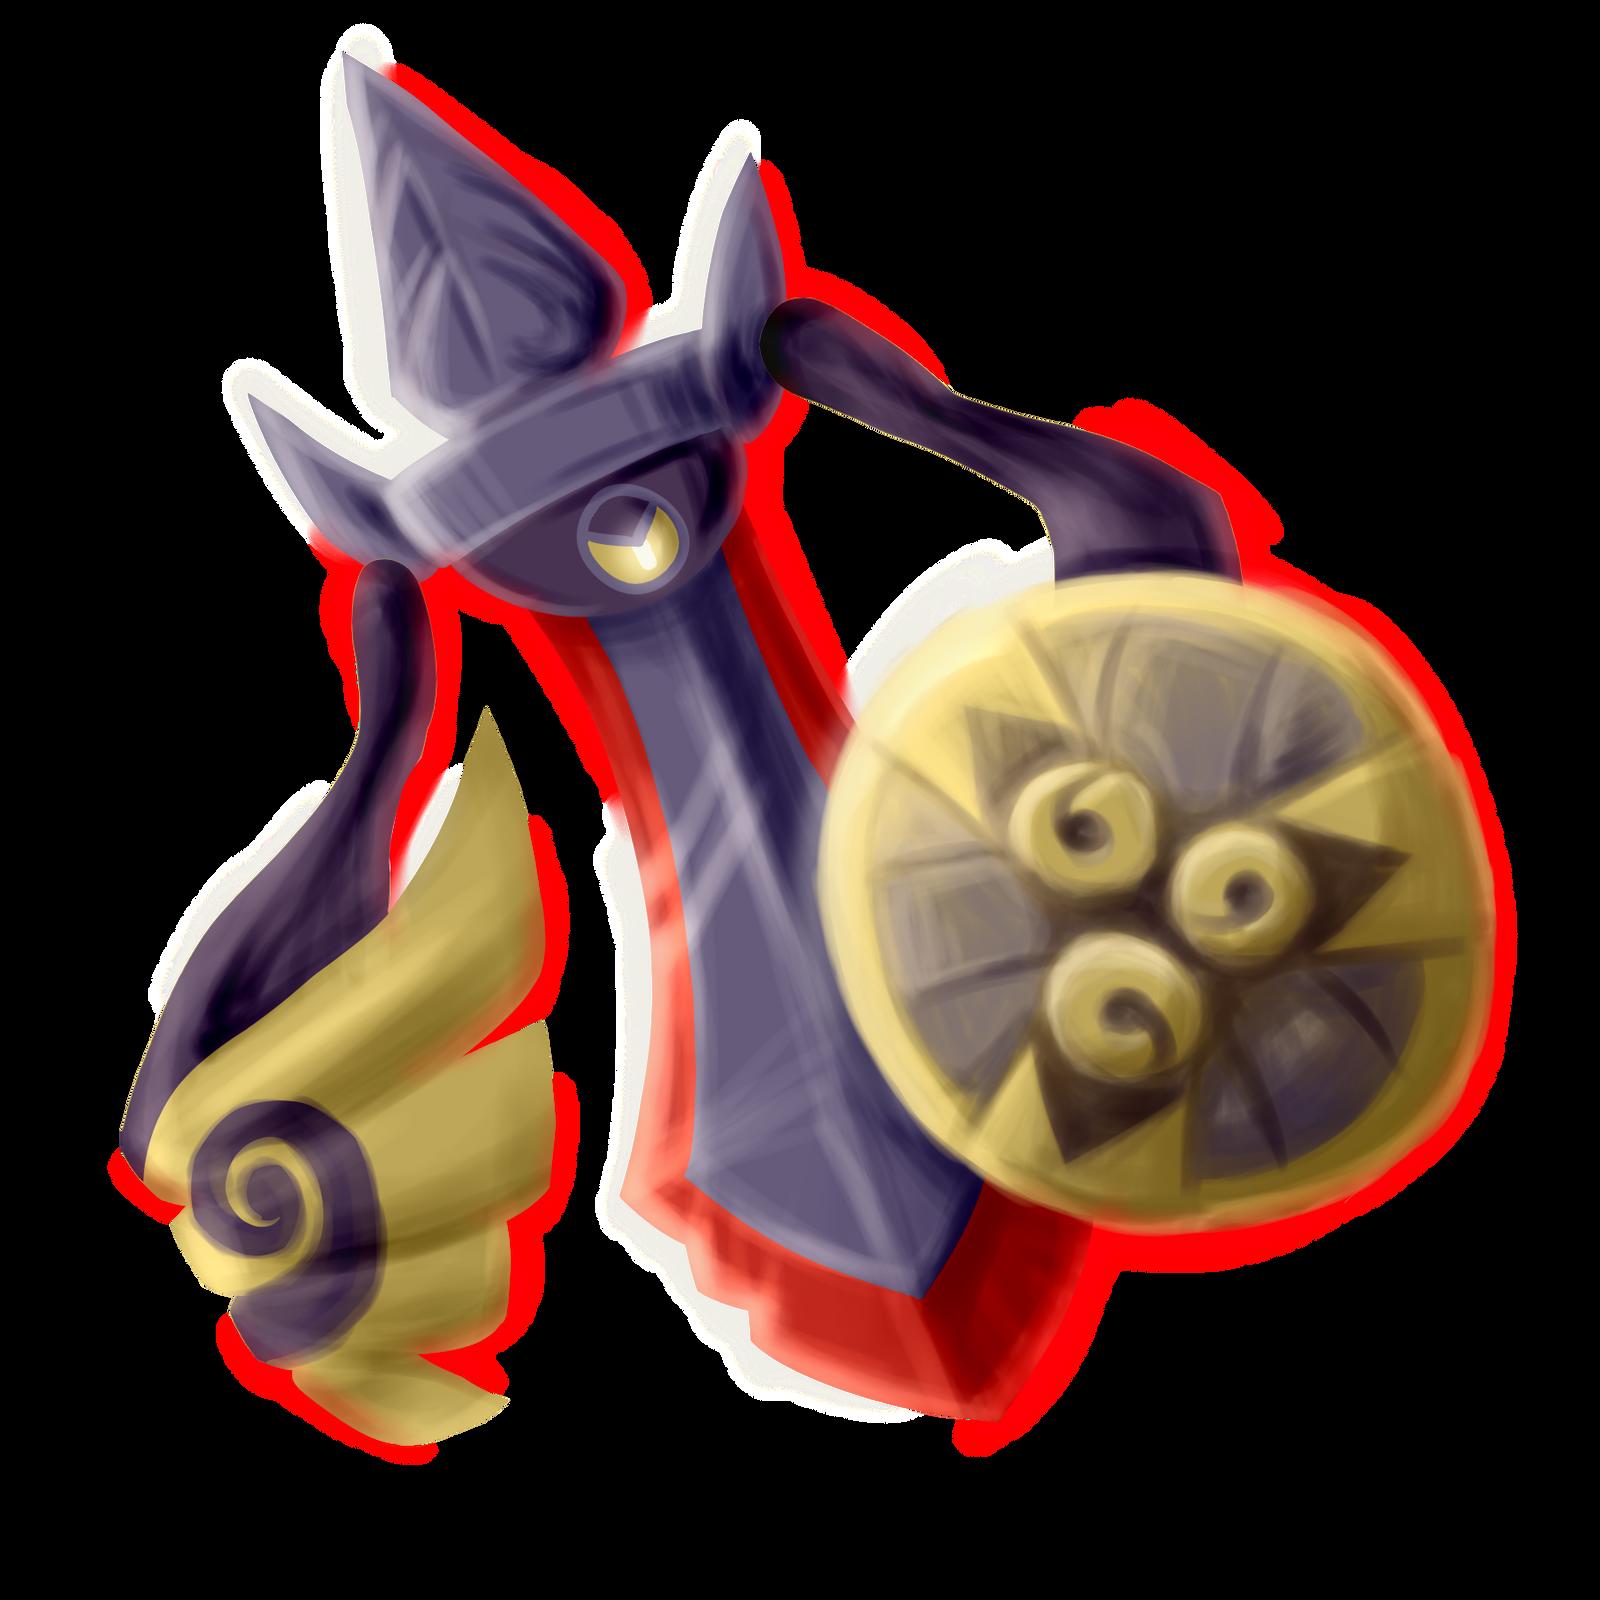 Avatar du membre : Wiwou